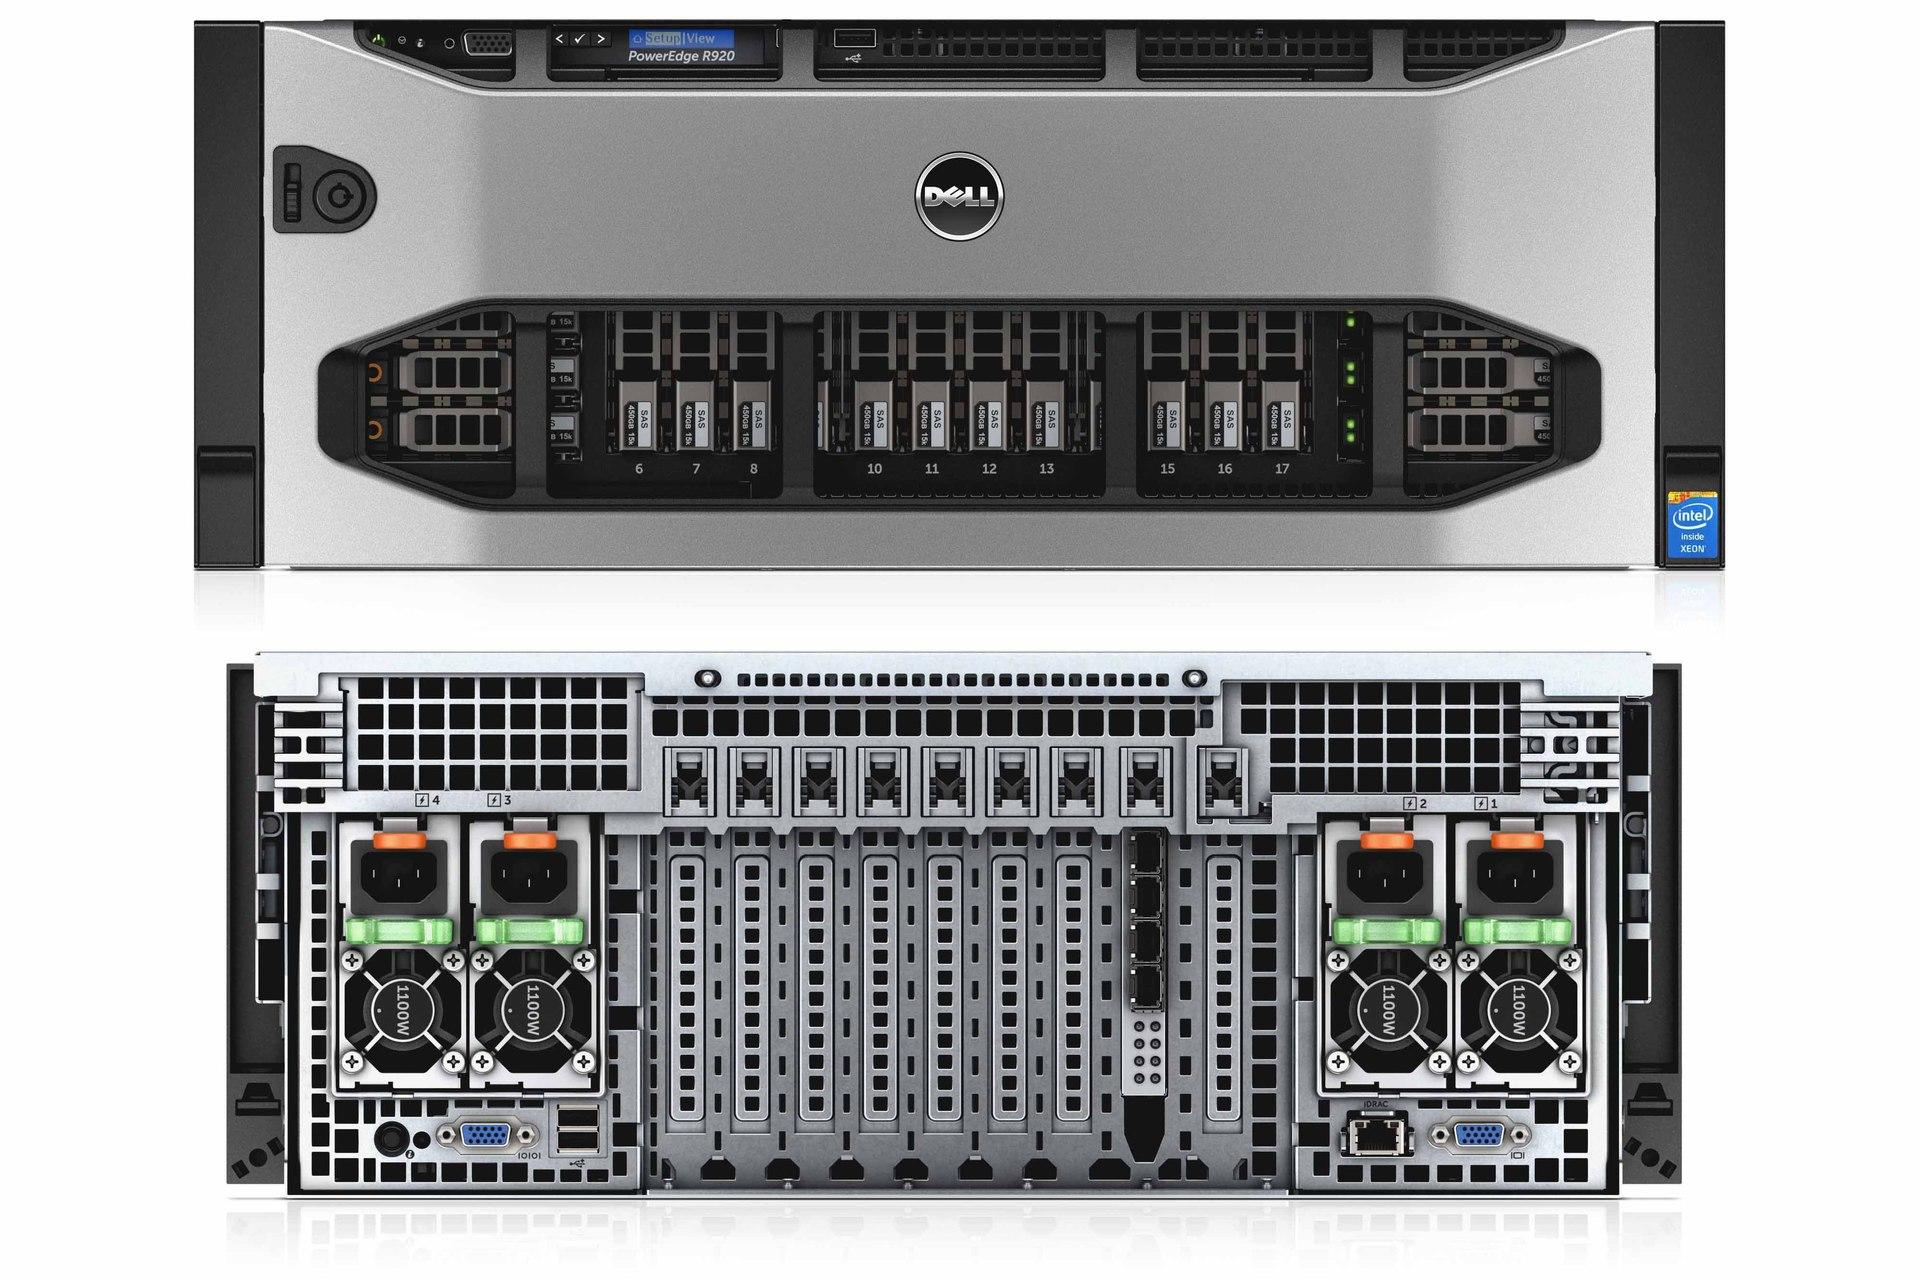 Распродажа: волшебный SSD хостинг на год по 3-х месячной стоимости + перенос от другого провайдера бесплатно - 1